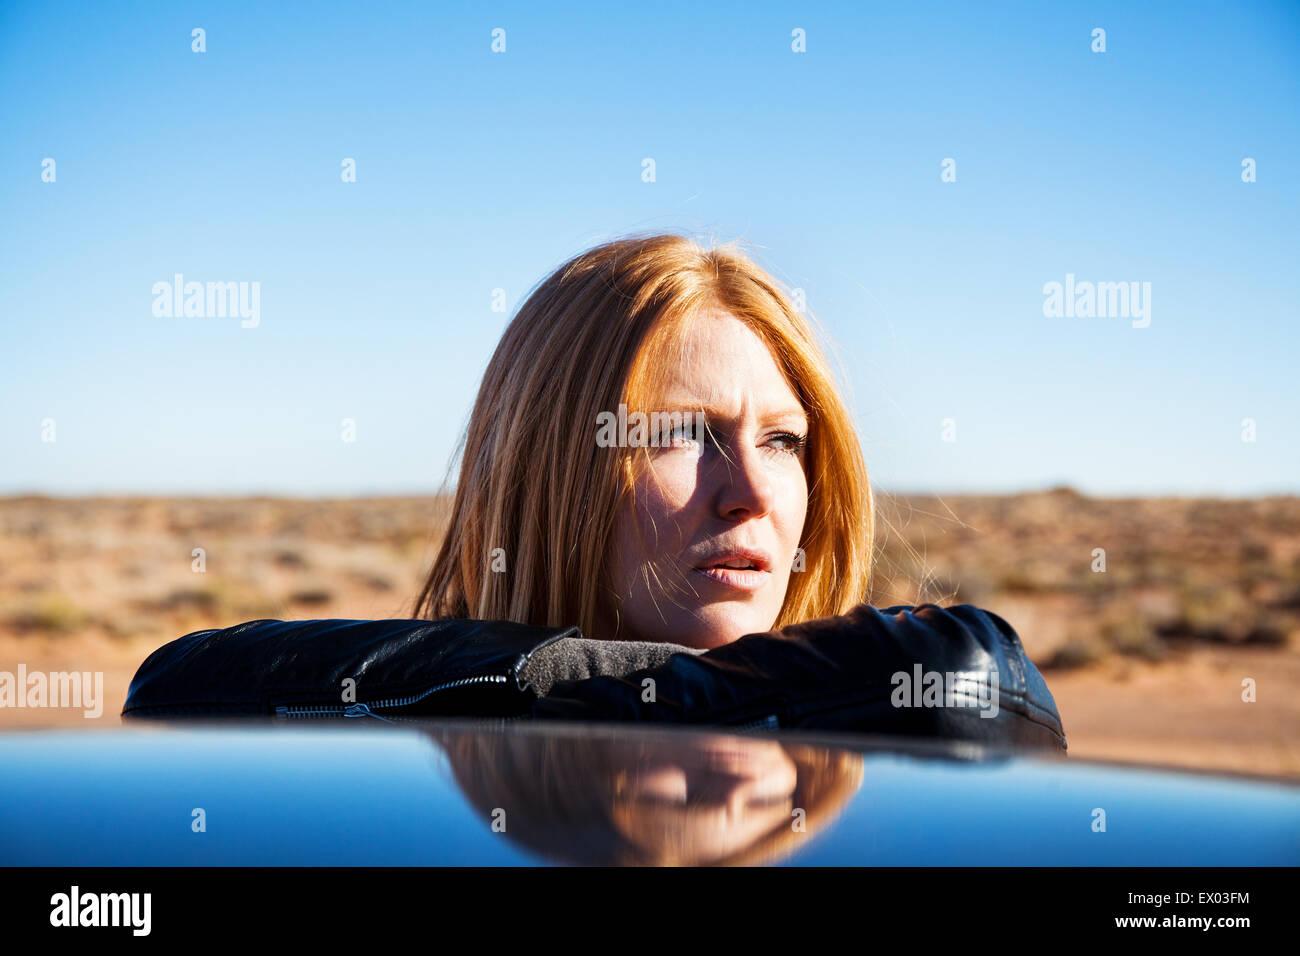 Woman leaning against car, Kayenta, Arizona, USA - Stock Image